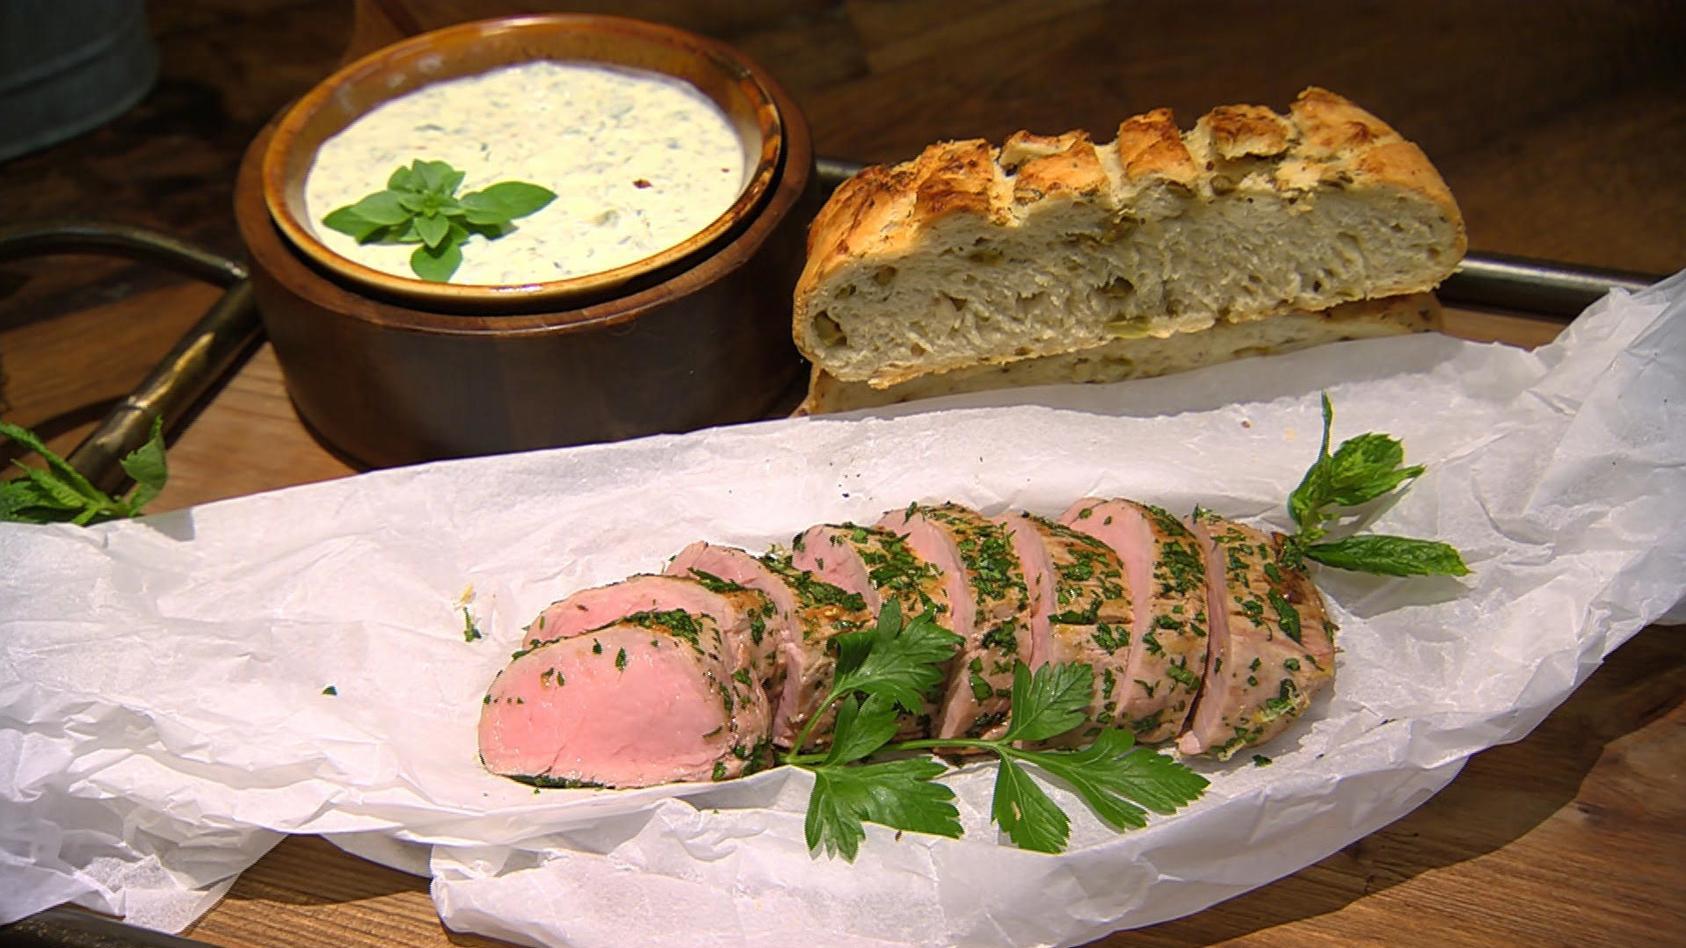 Grüne Kräuterküche: Kräuter-Schweinefilet mit Oliven-Focaccia und Dip